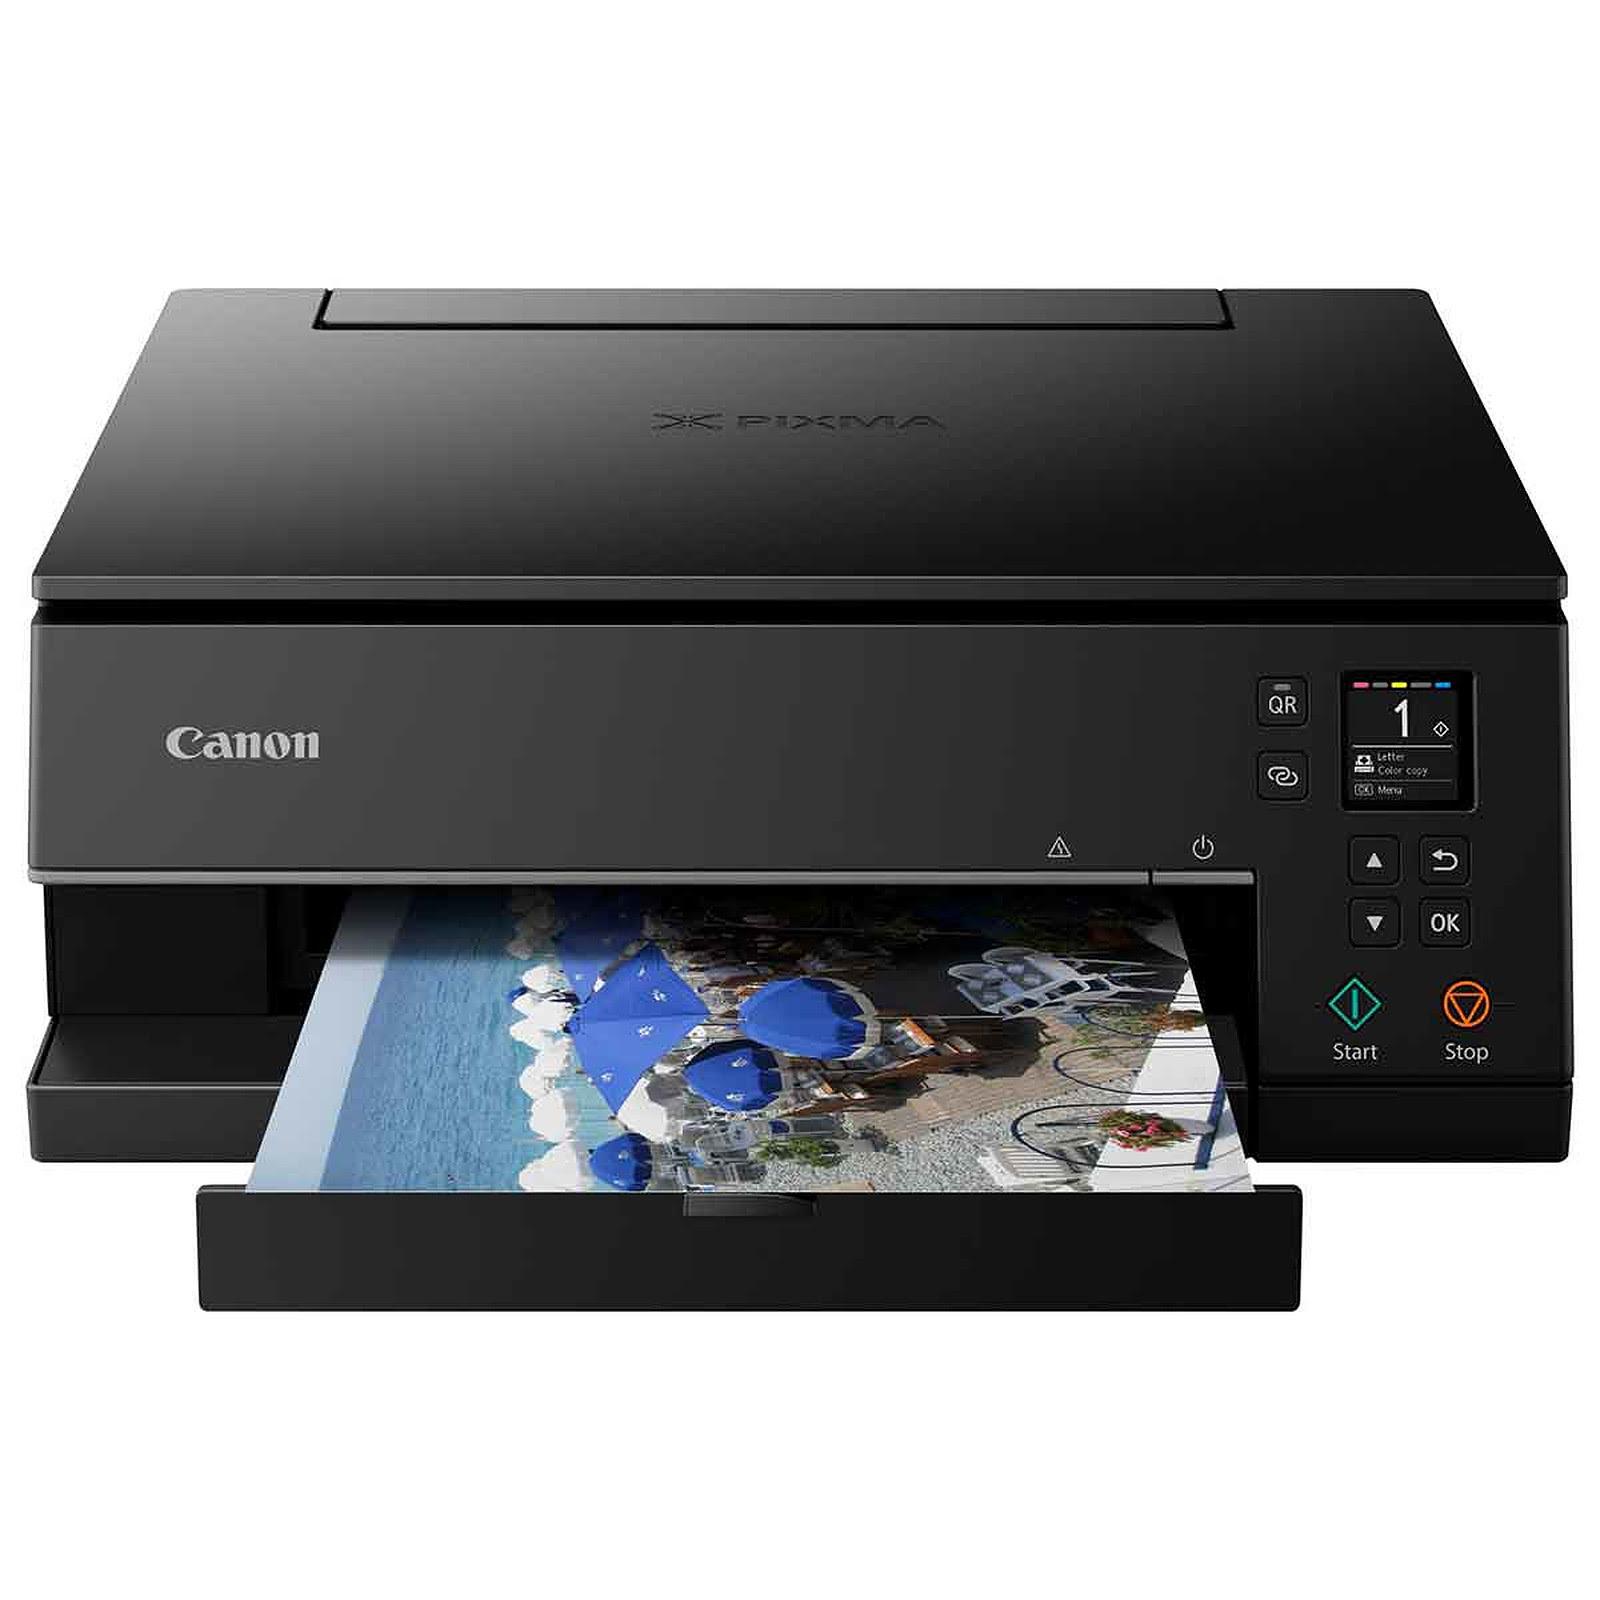 Imprimante multifonction Canon PIXMA TS6350 - Cybertek.fr - 3